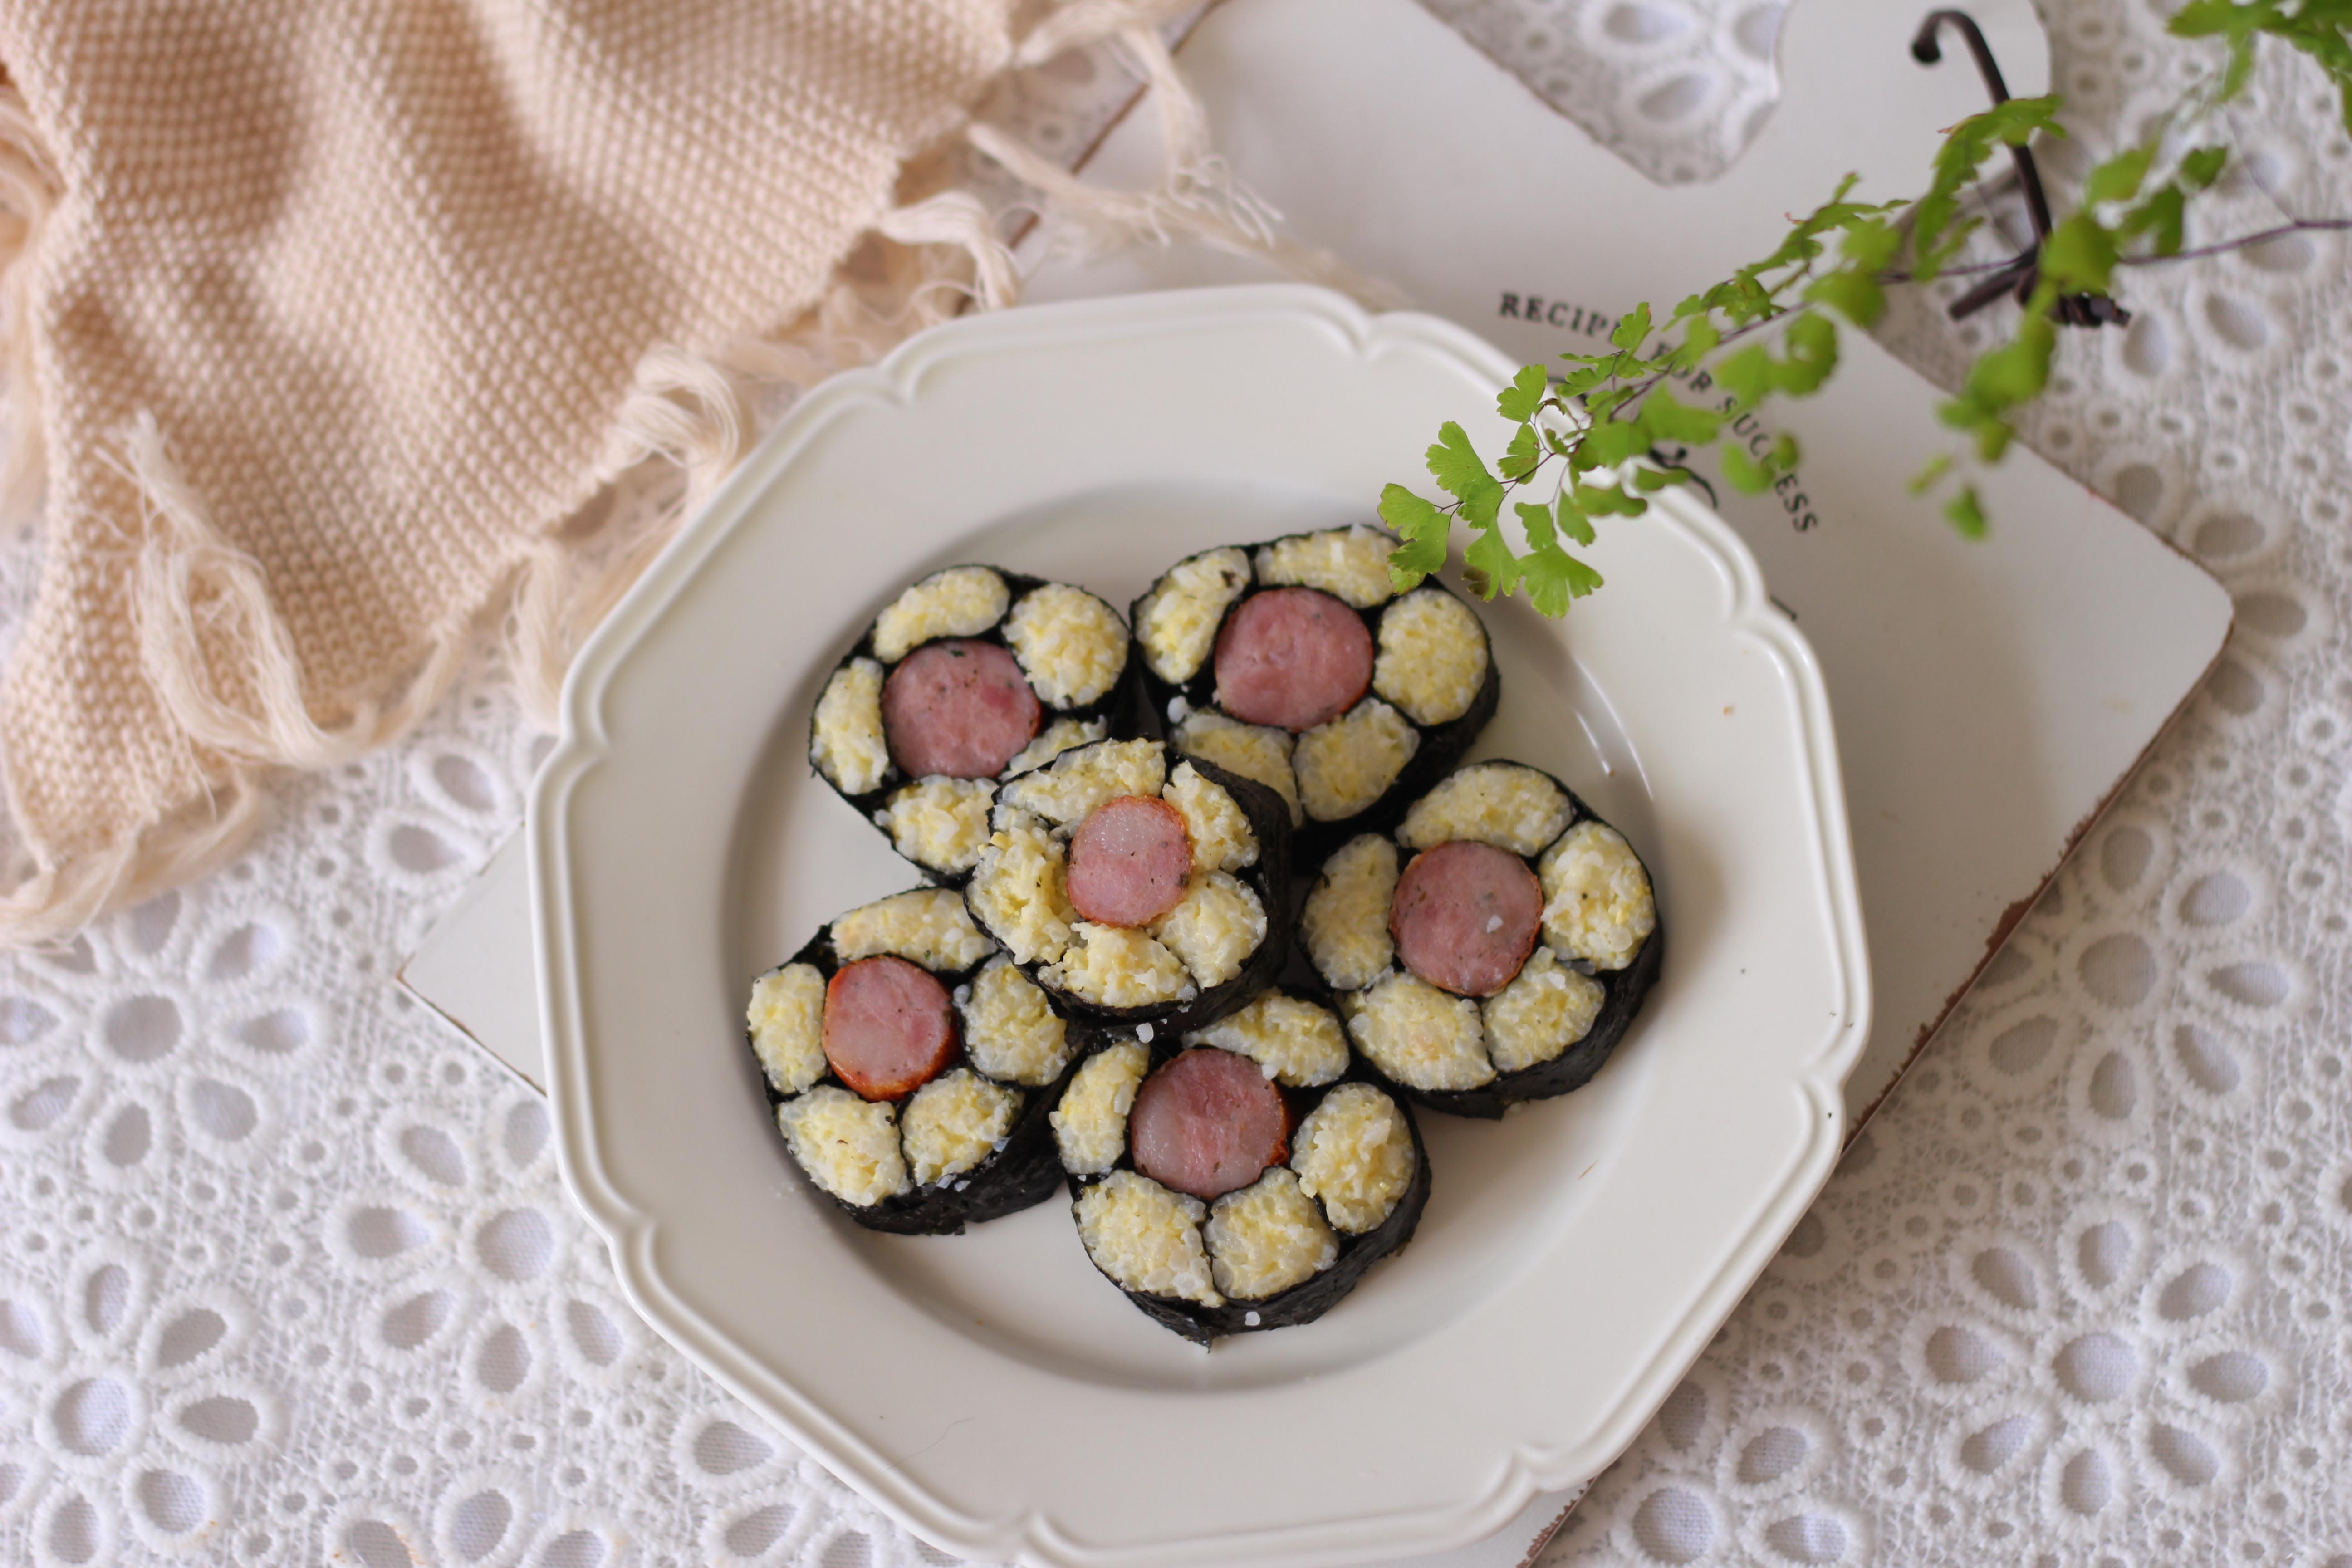 香肠花朵寿司的做法图解14